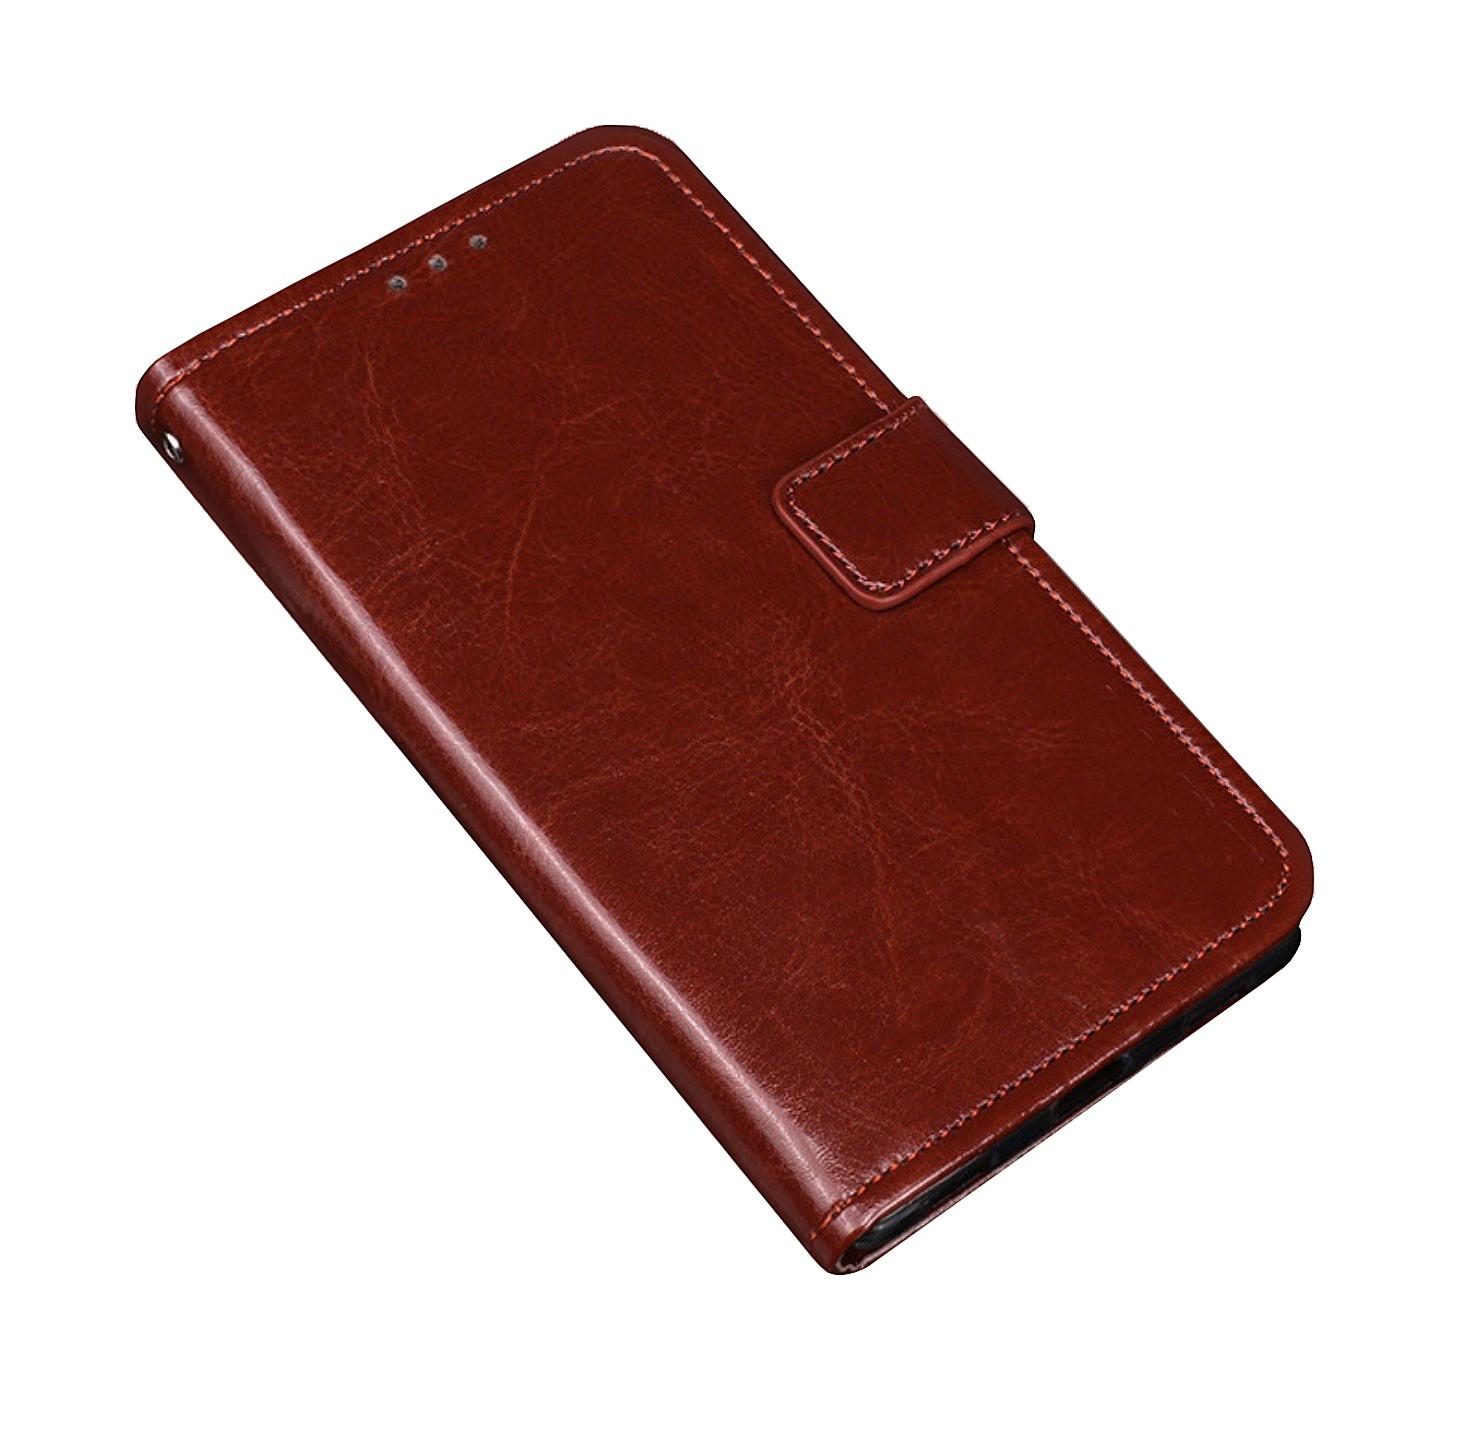 Чехол-книжка MyPads для Motorola Moto C Plus (XT1723 / XT1755) 5.0 с мульти-подставкой застёжкой и визитницей коричневый силиконовый чехол pero для moto c plus xt1723 прозрачный